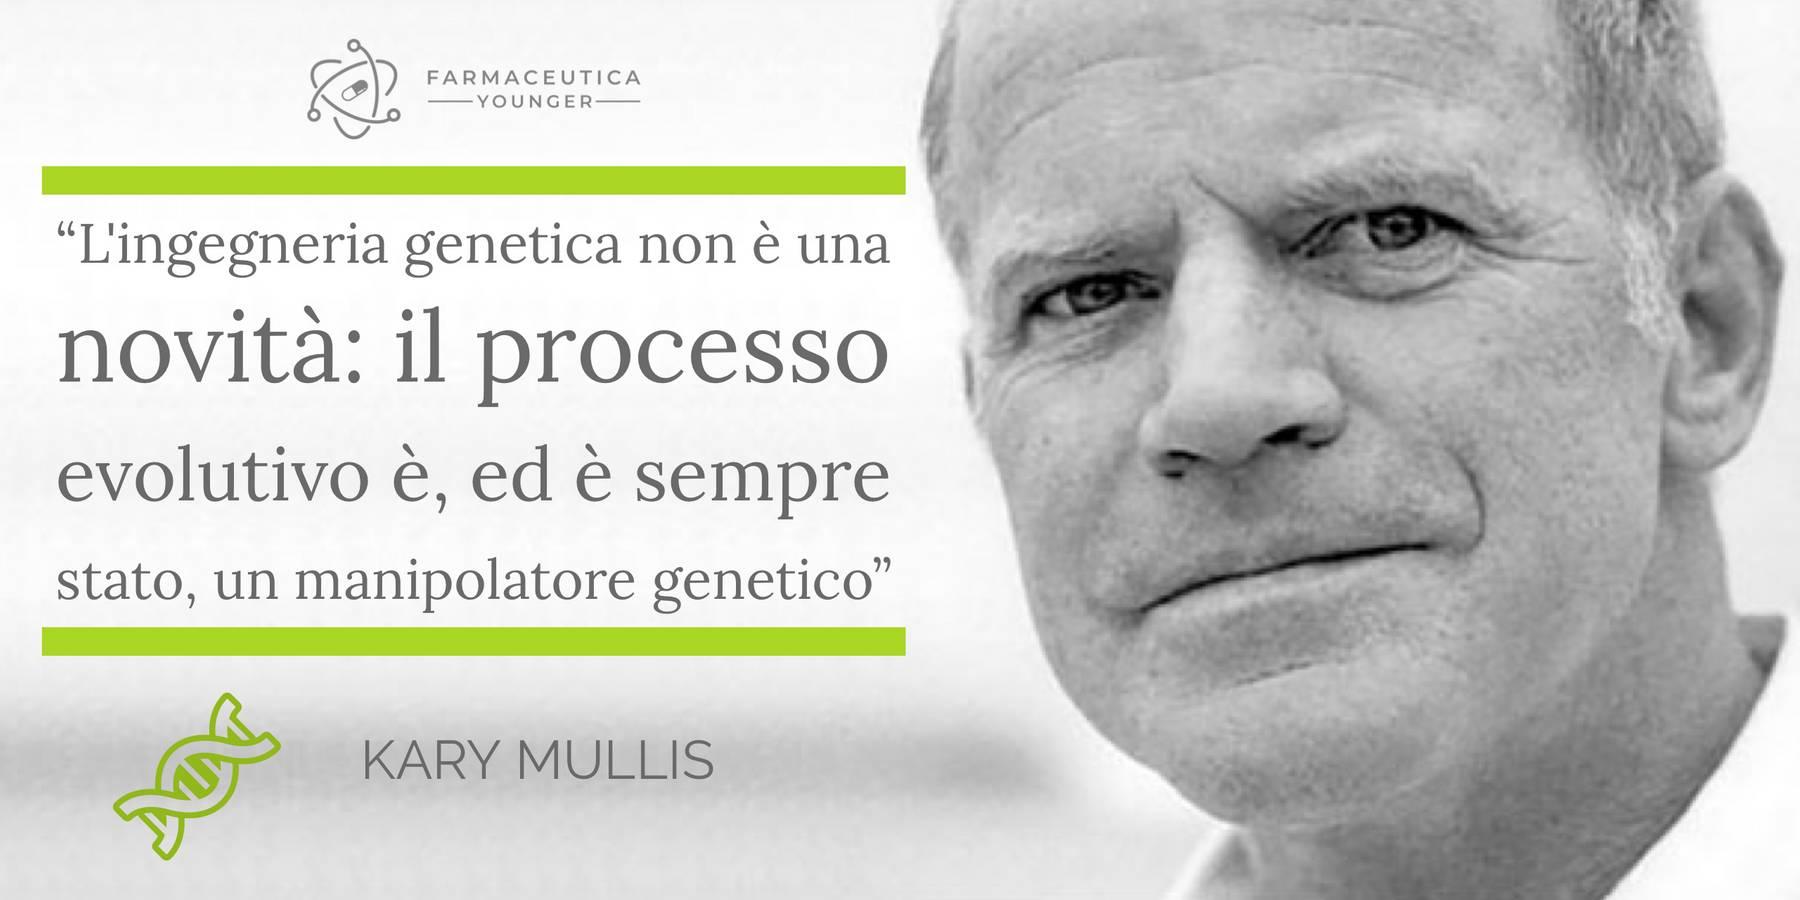 """KARY MULLIS - """"L'ingegneria genetica non è una novità: il processo evolutivo è, ed è sempre stato, un manipolatore genetico"""""""